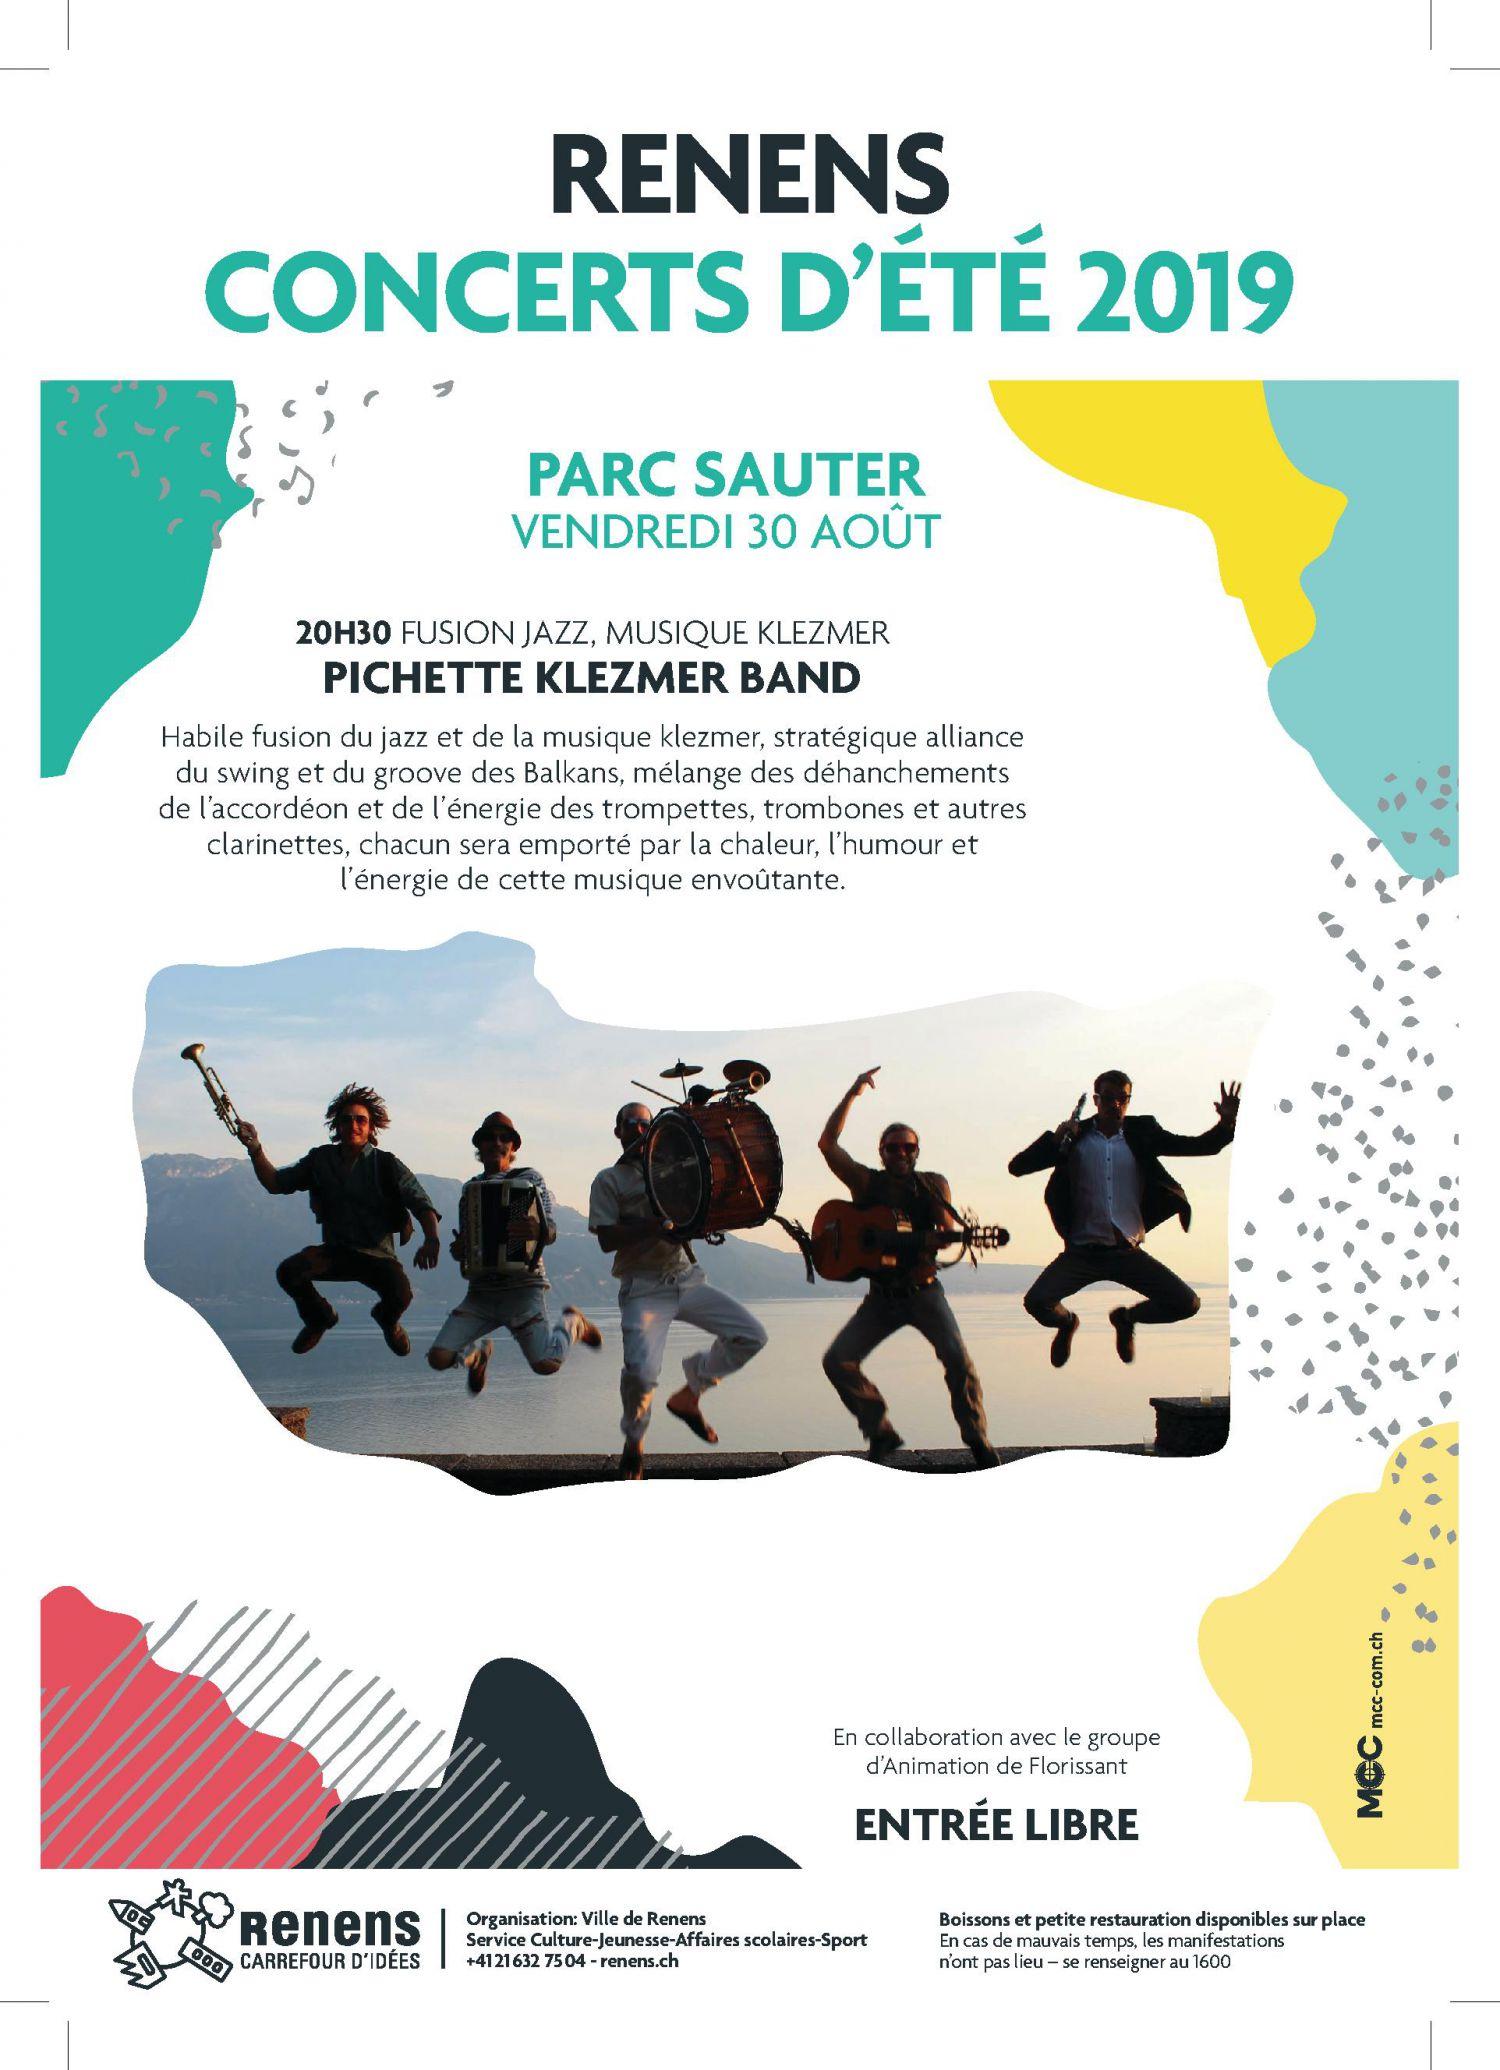 Concert d'été : Pichette Klezmer band